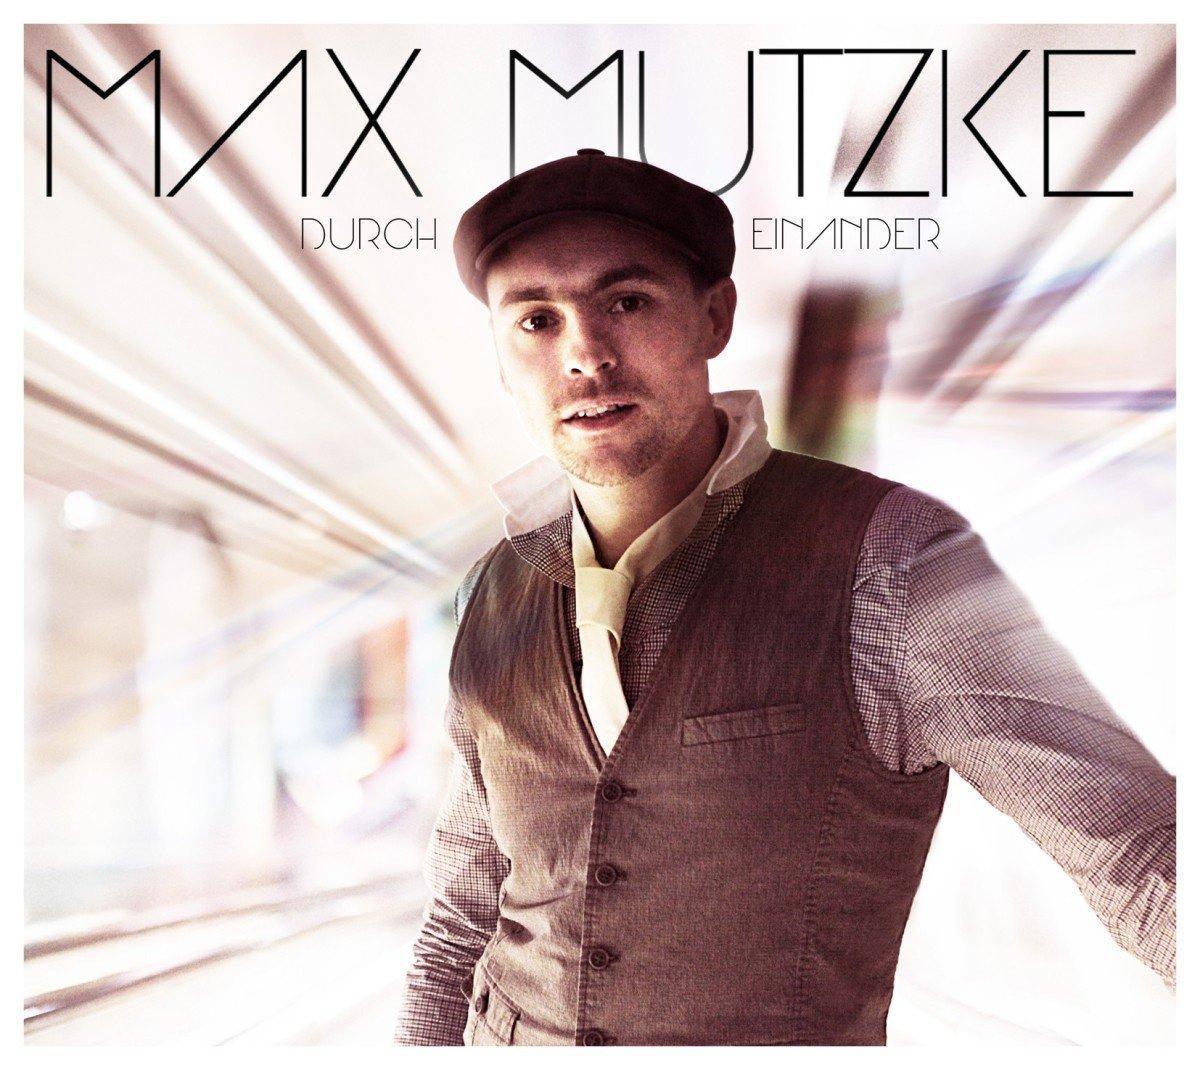 Max Mutzke